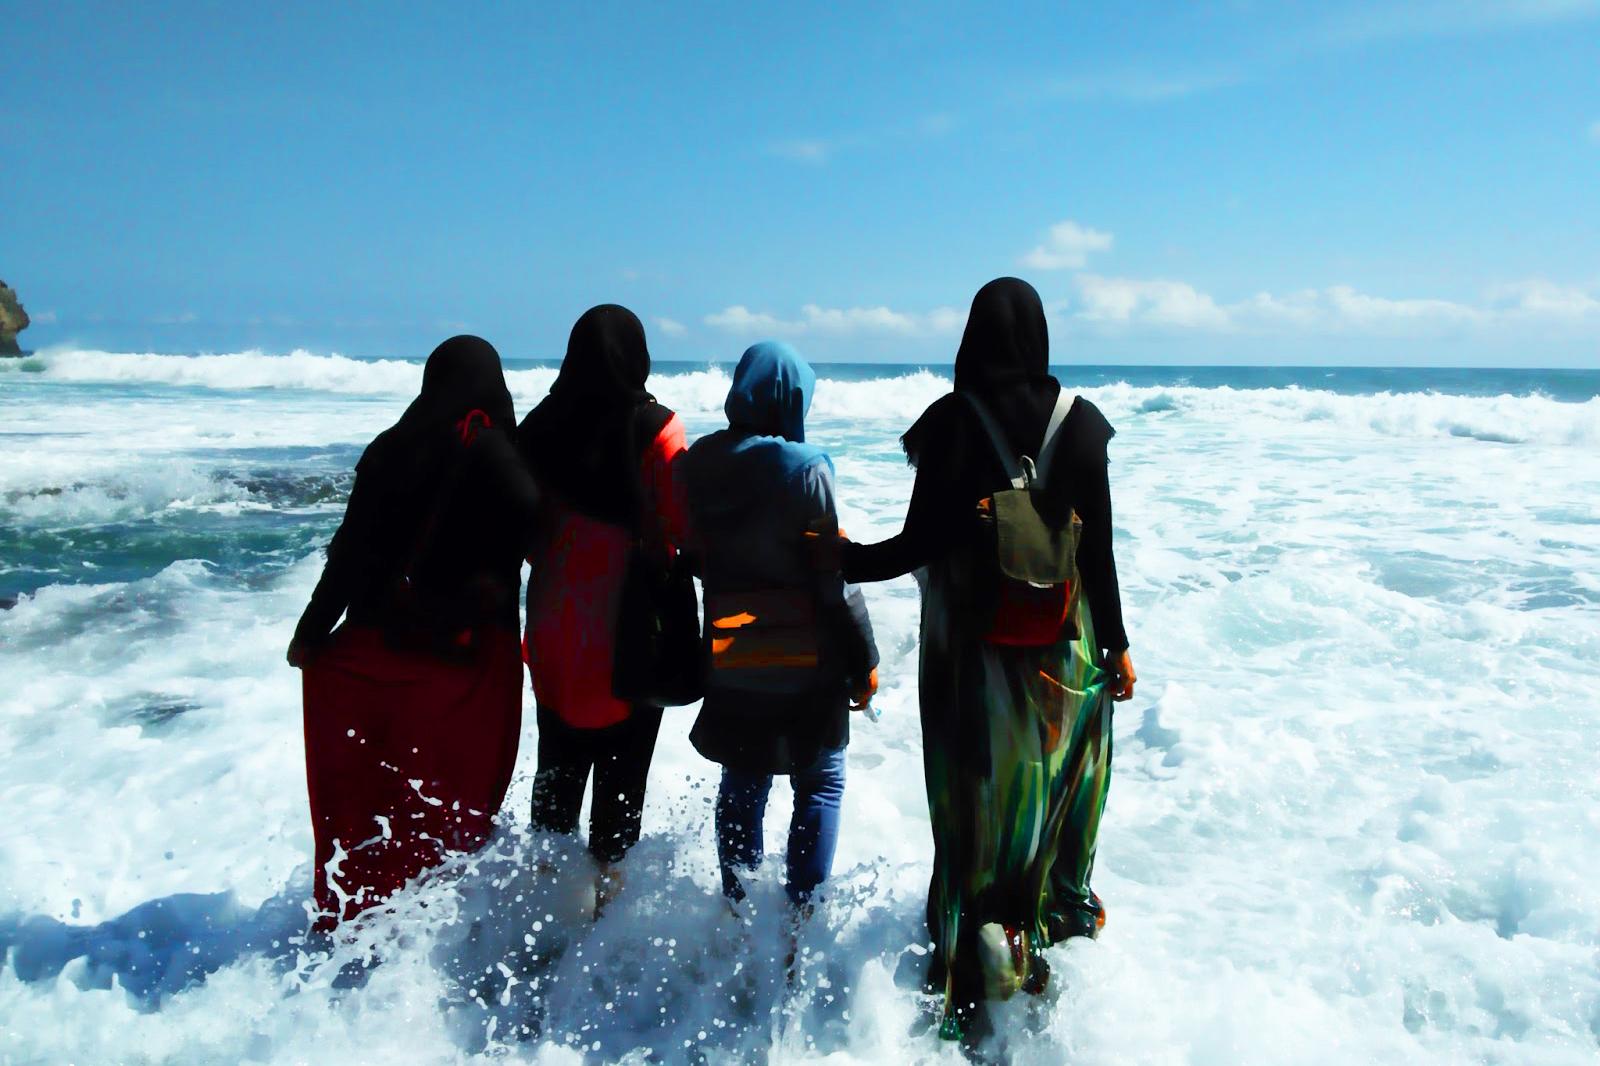 hijab gaul remaja hijab gaul untuk remaja style hijab remaja gaul tutorial hijab remaja gaul model hijab remaja gaul hijab syar'i gaul